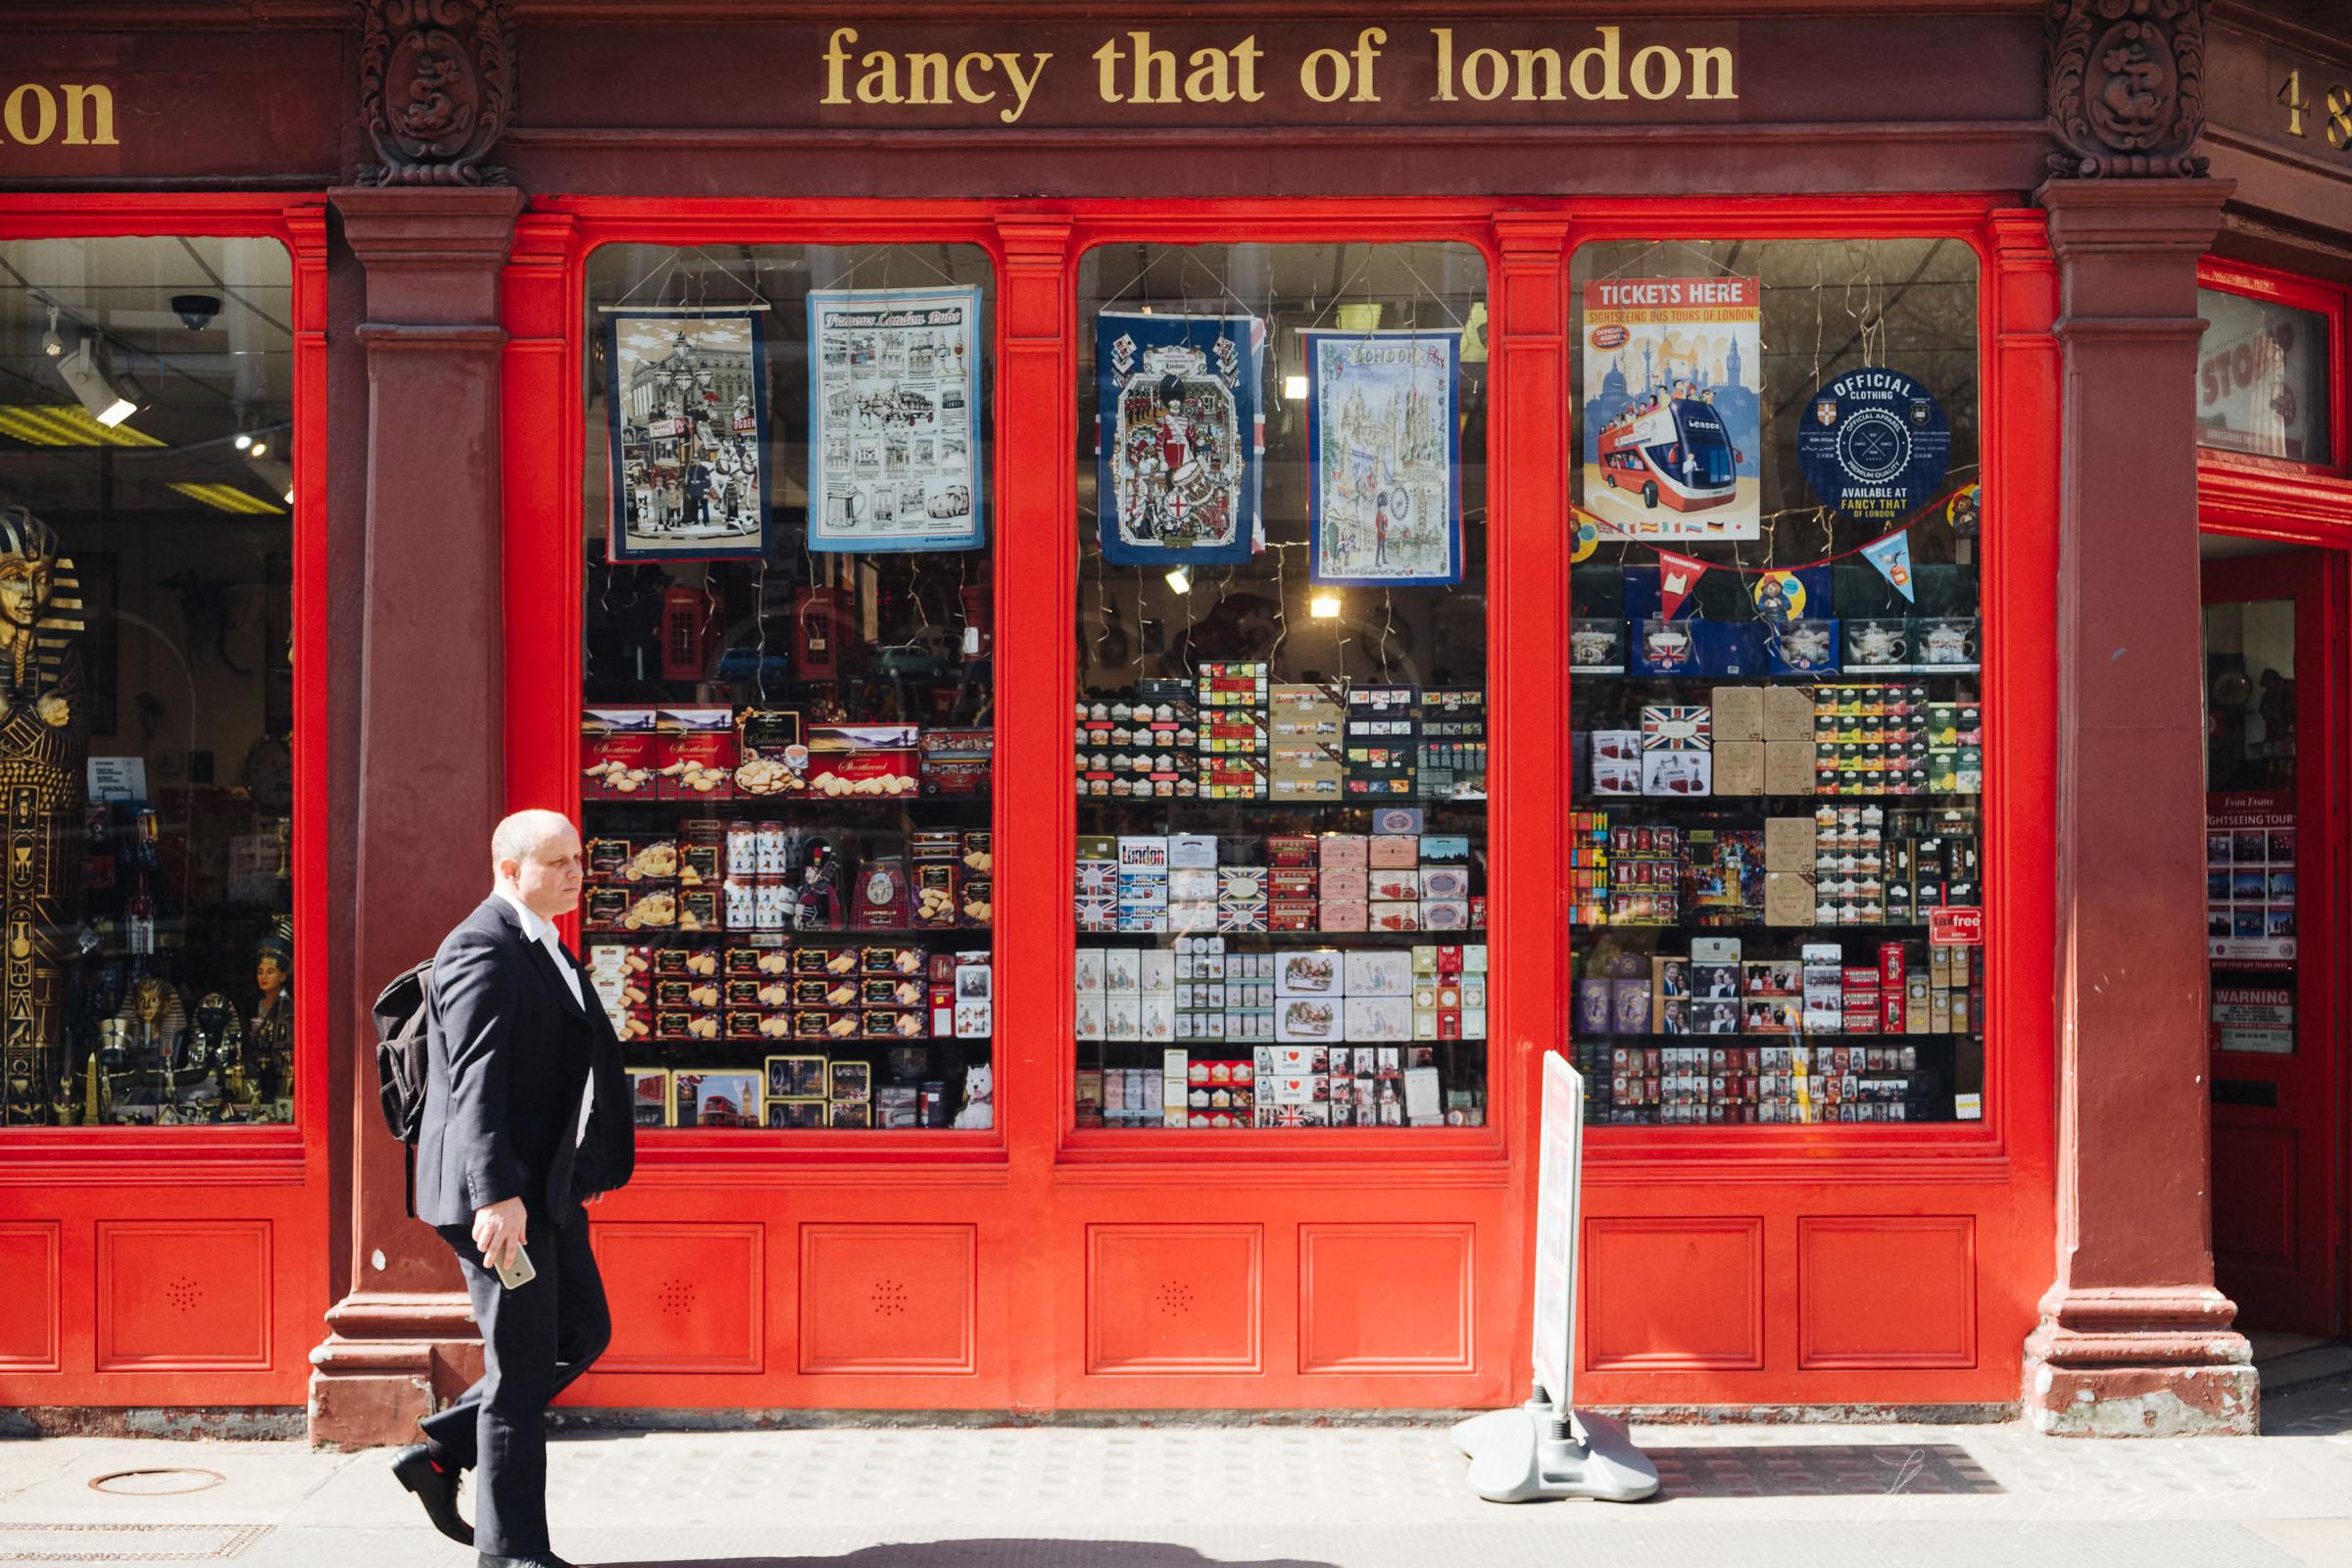 Fancy that of London